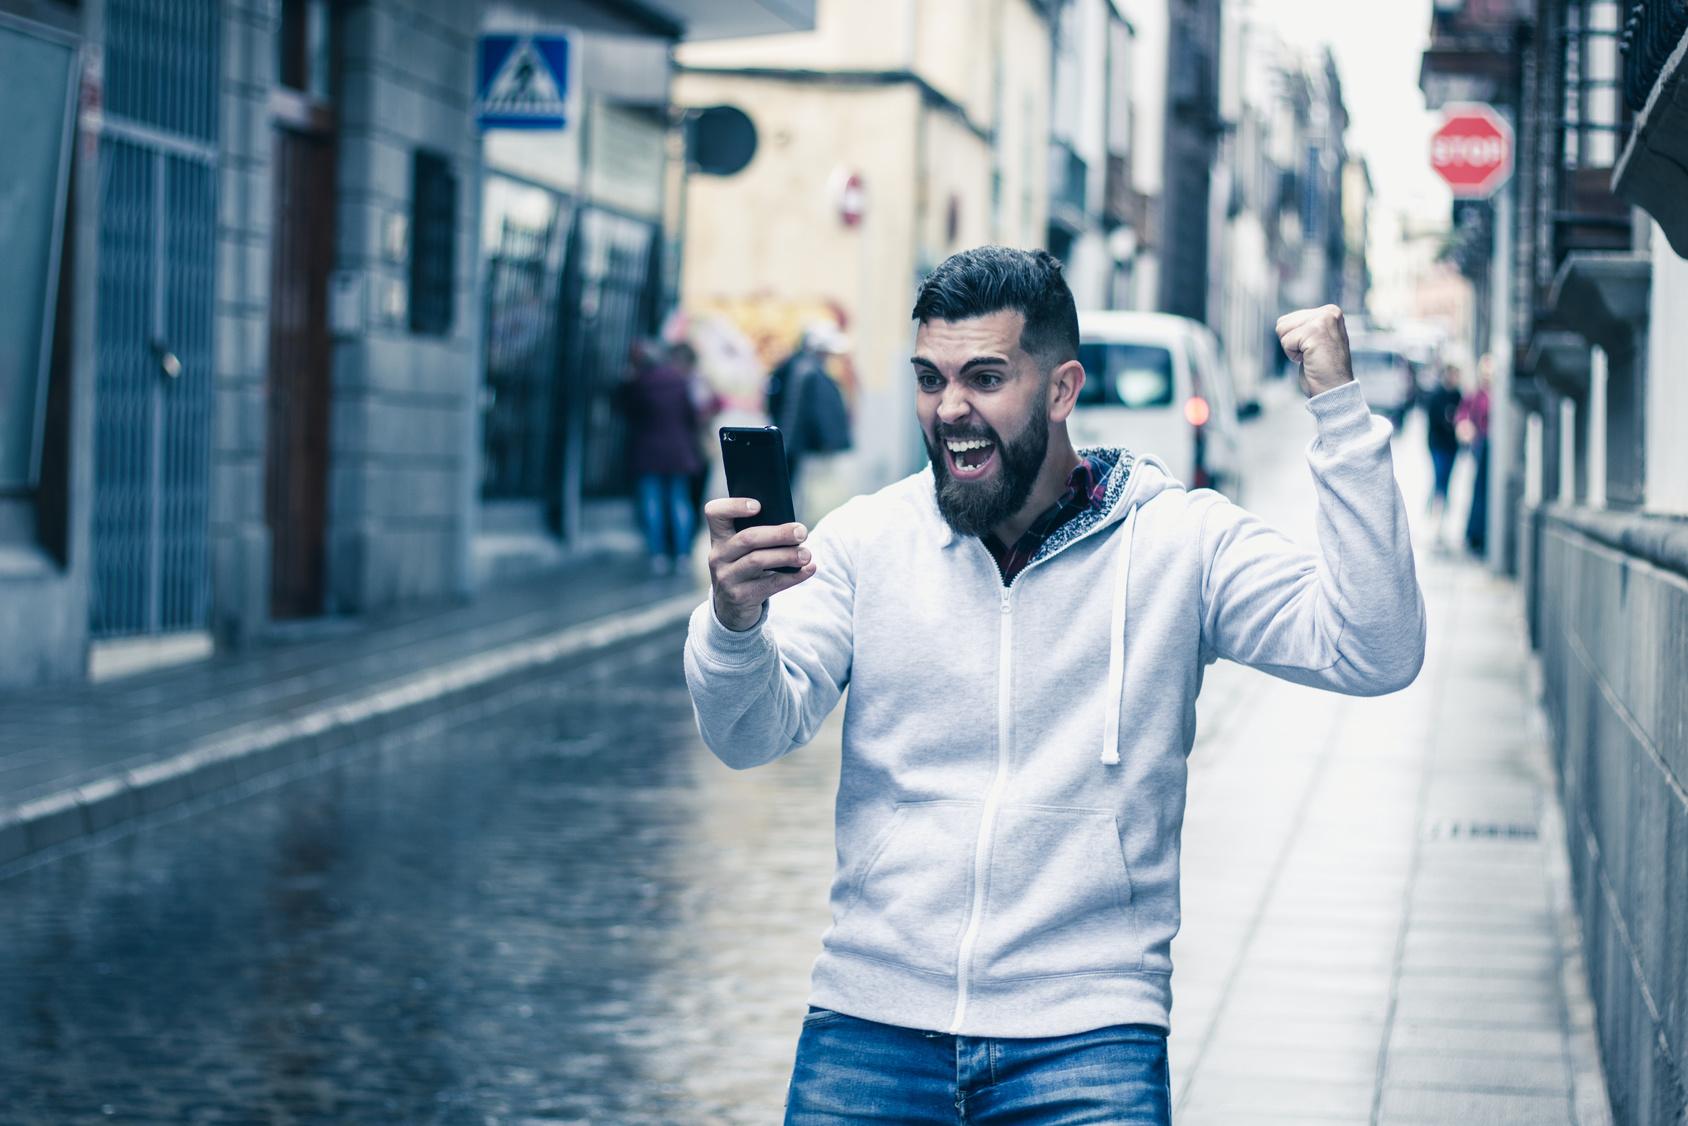 WM-Apps für den Fußball-Sommer: Junger Mann mit Bart schaut auf der Straße auf sein Smartphone und jubelt.